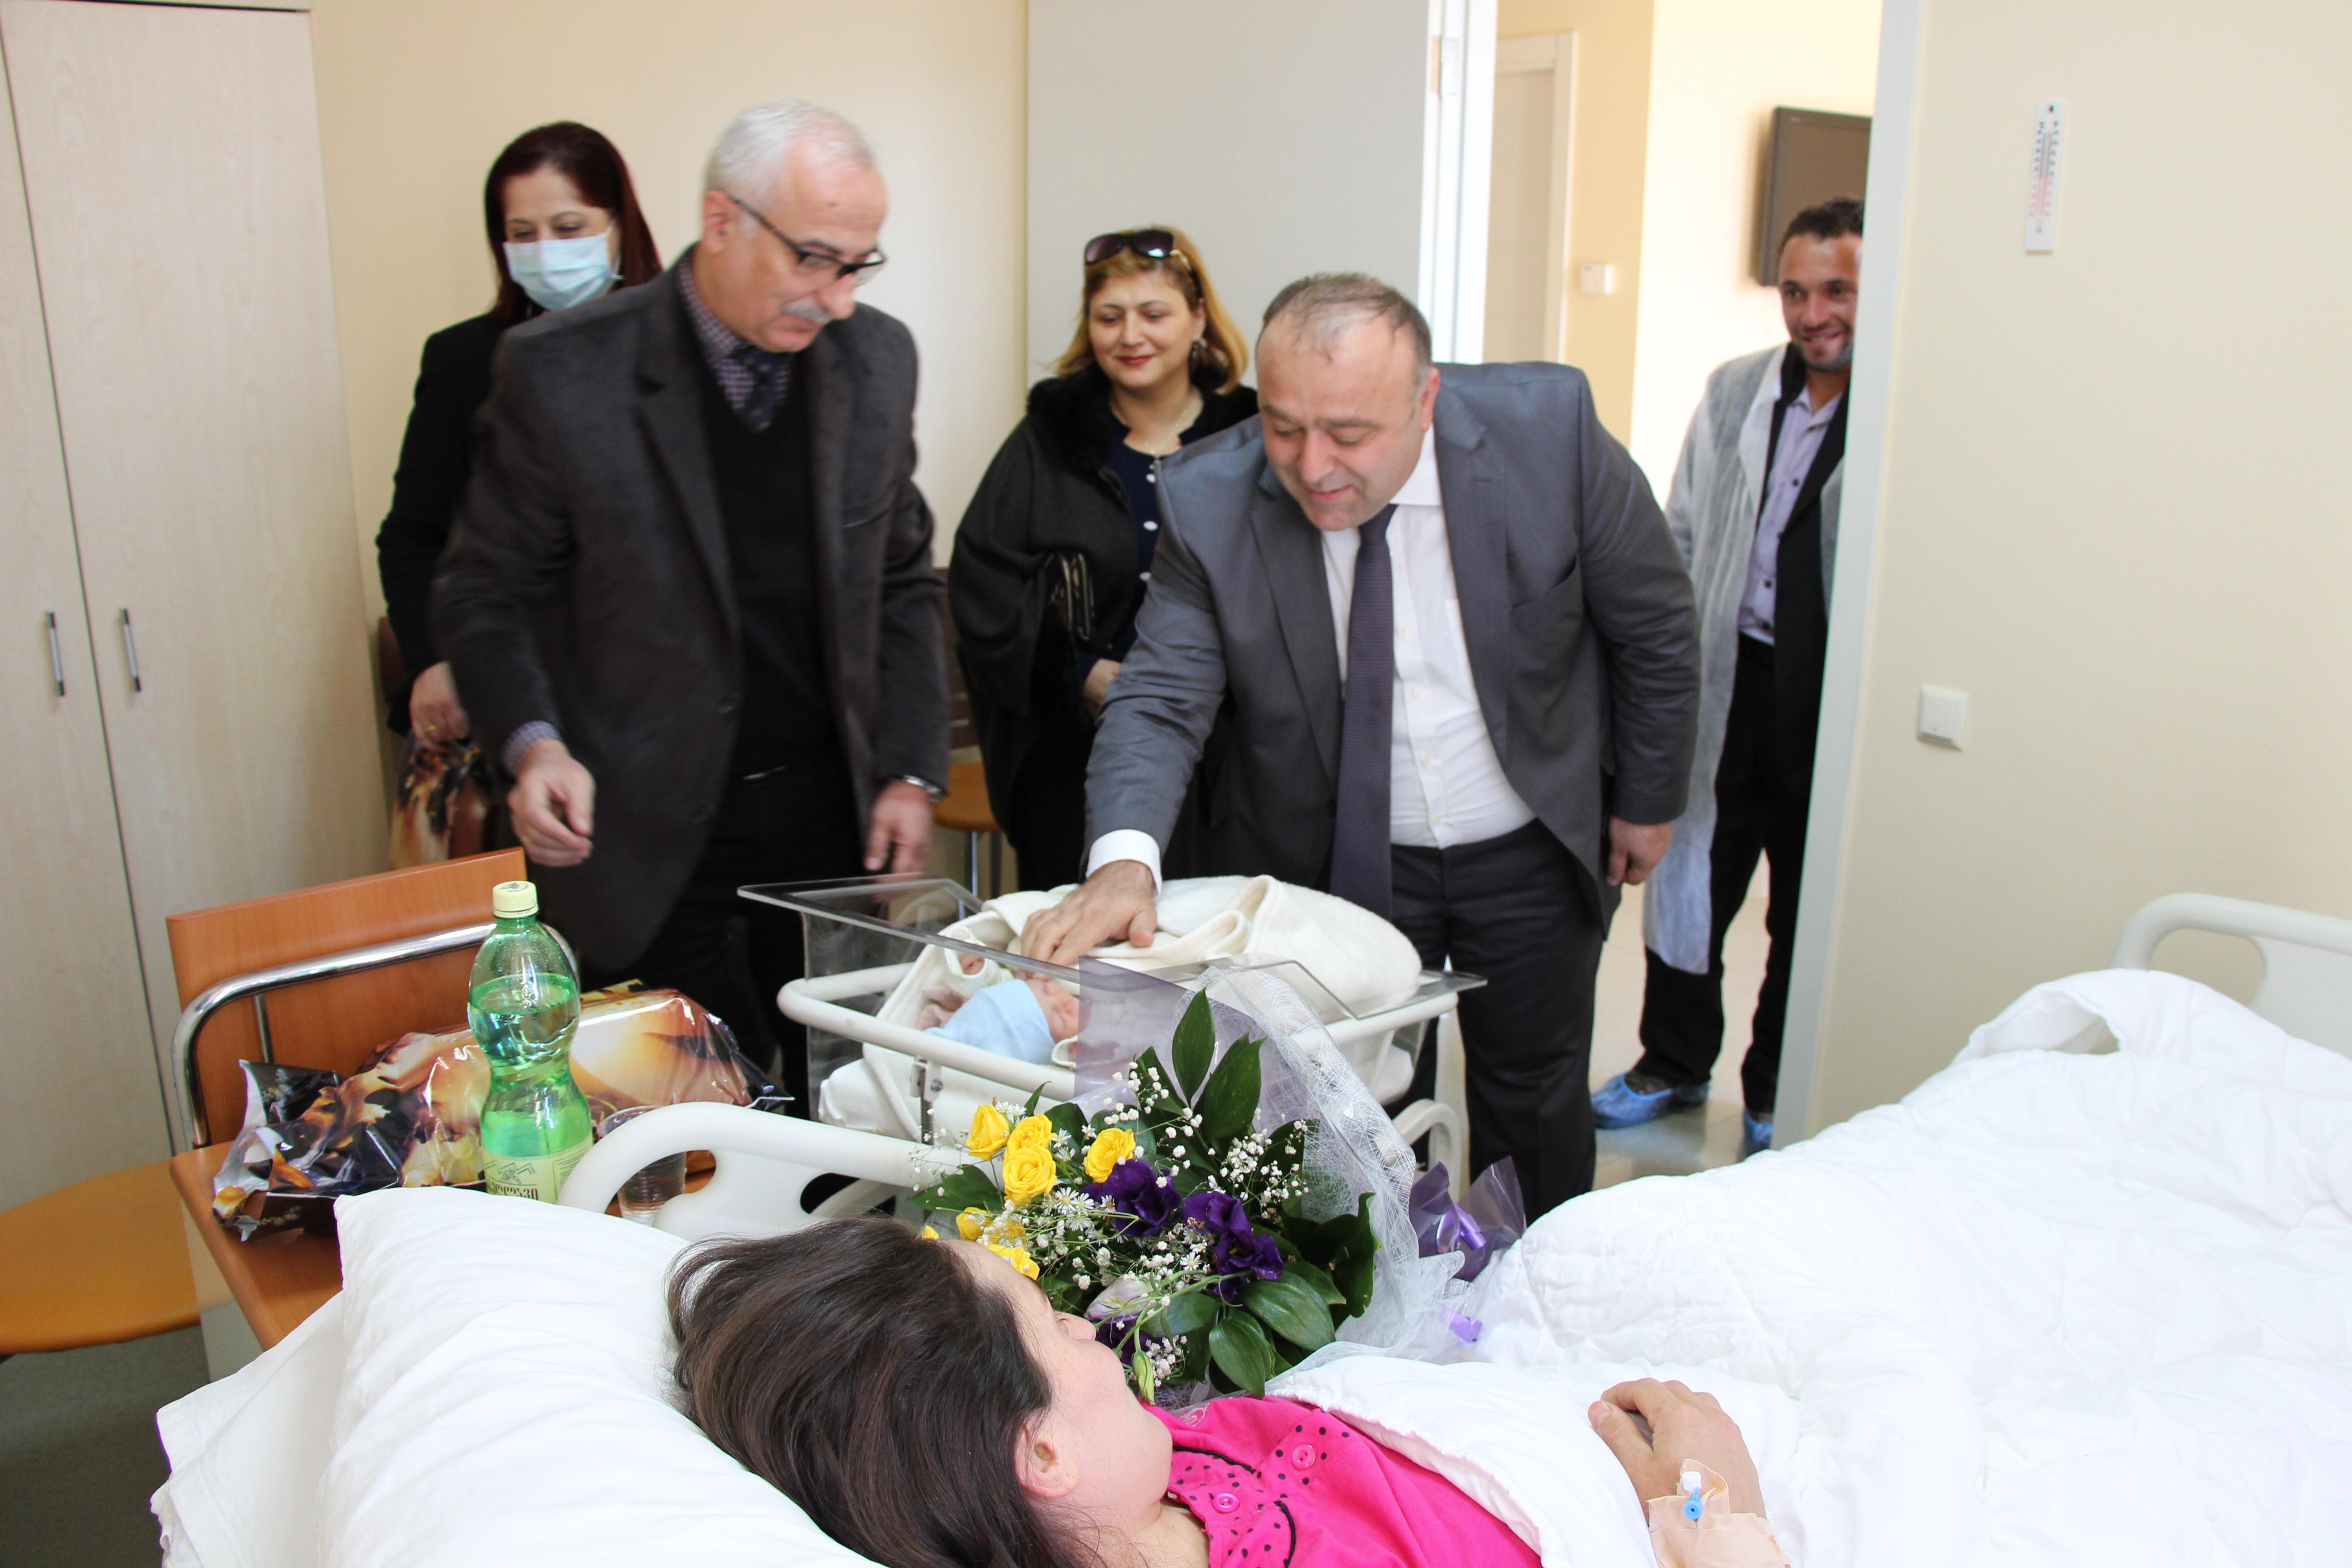 თურქი პაციენტის მონახულება